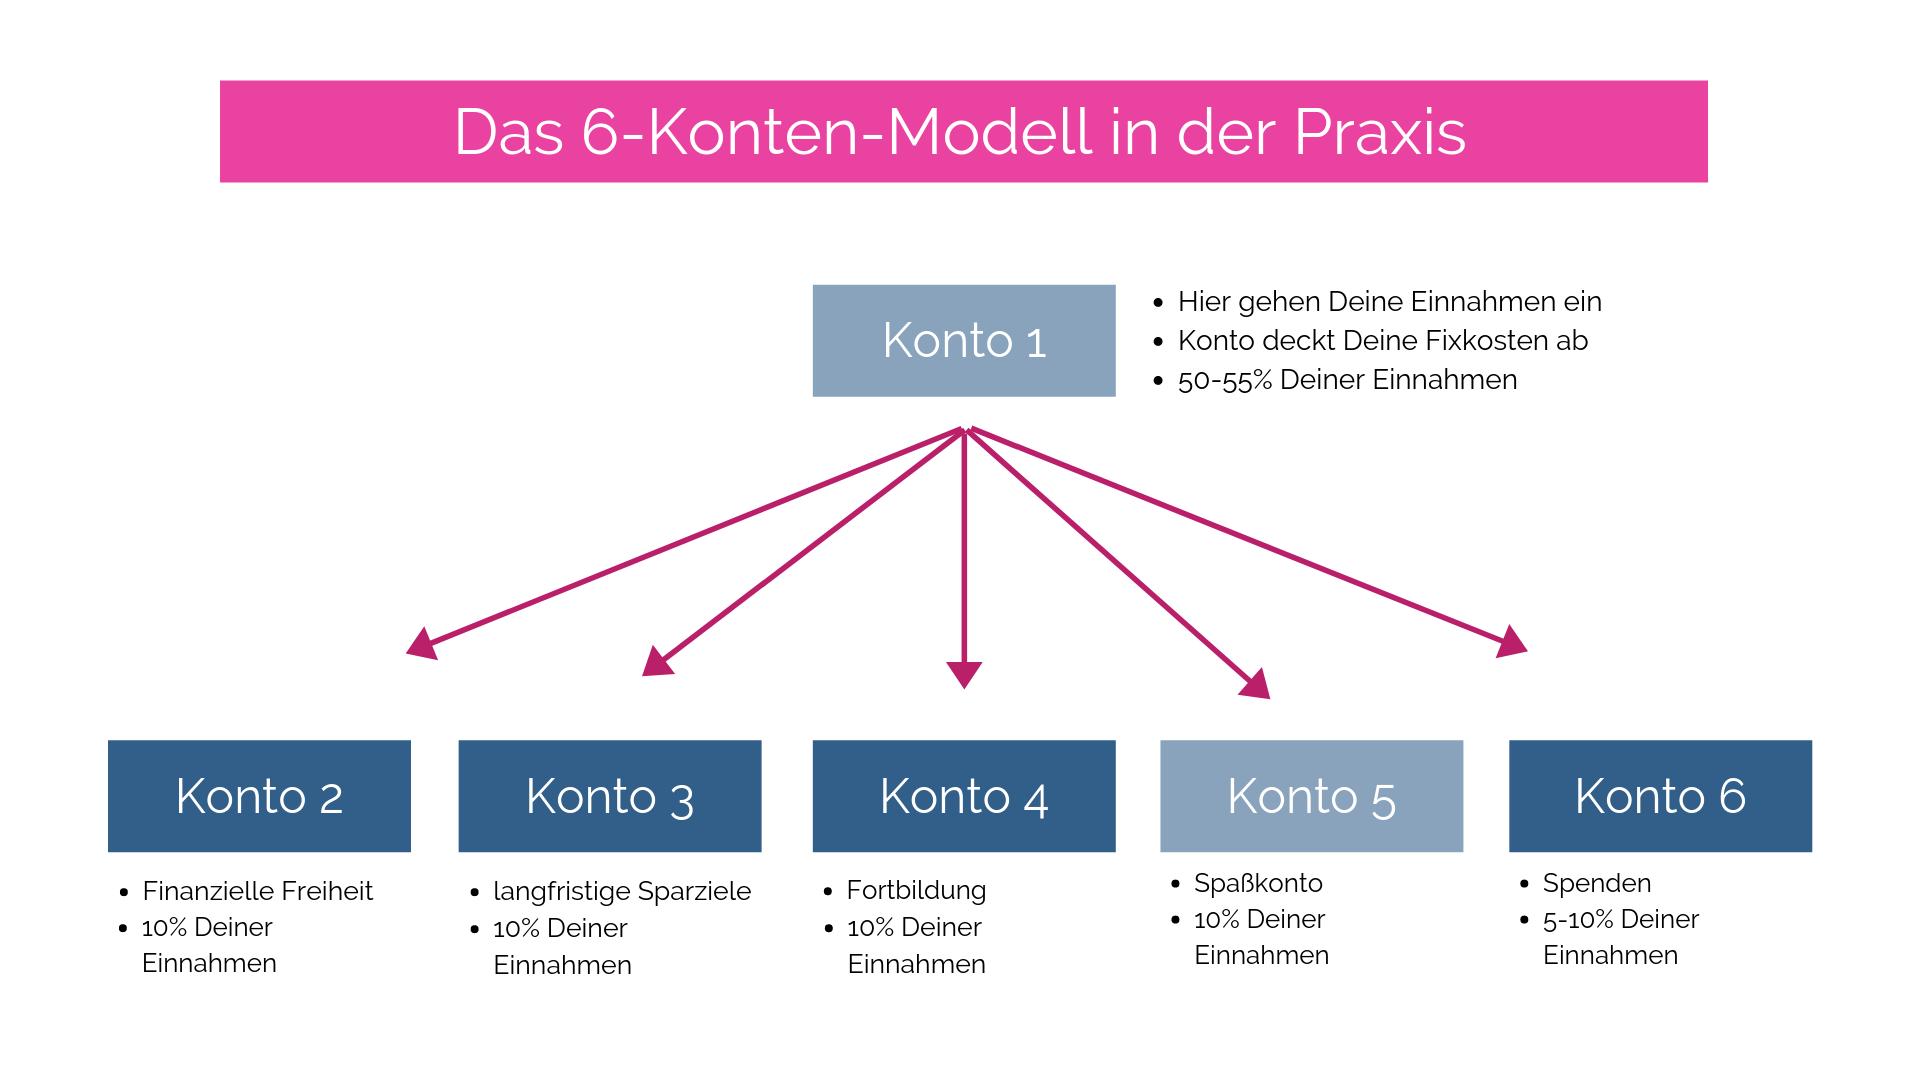 6-konten-modell.png